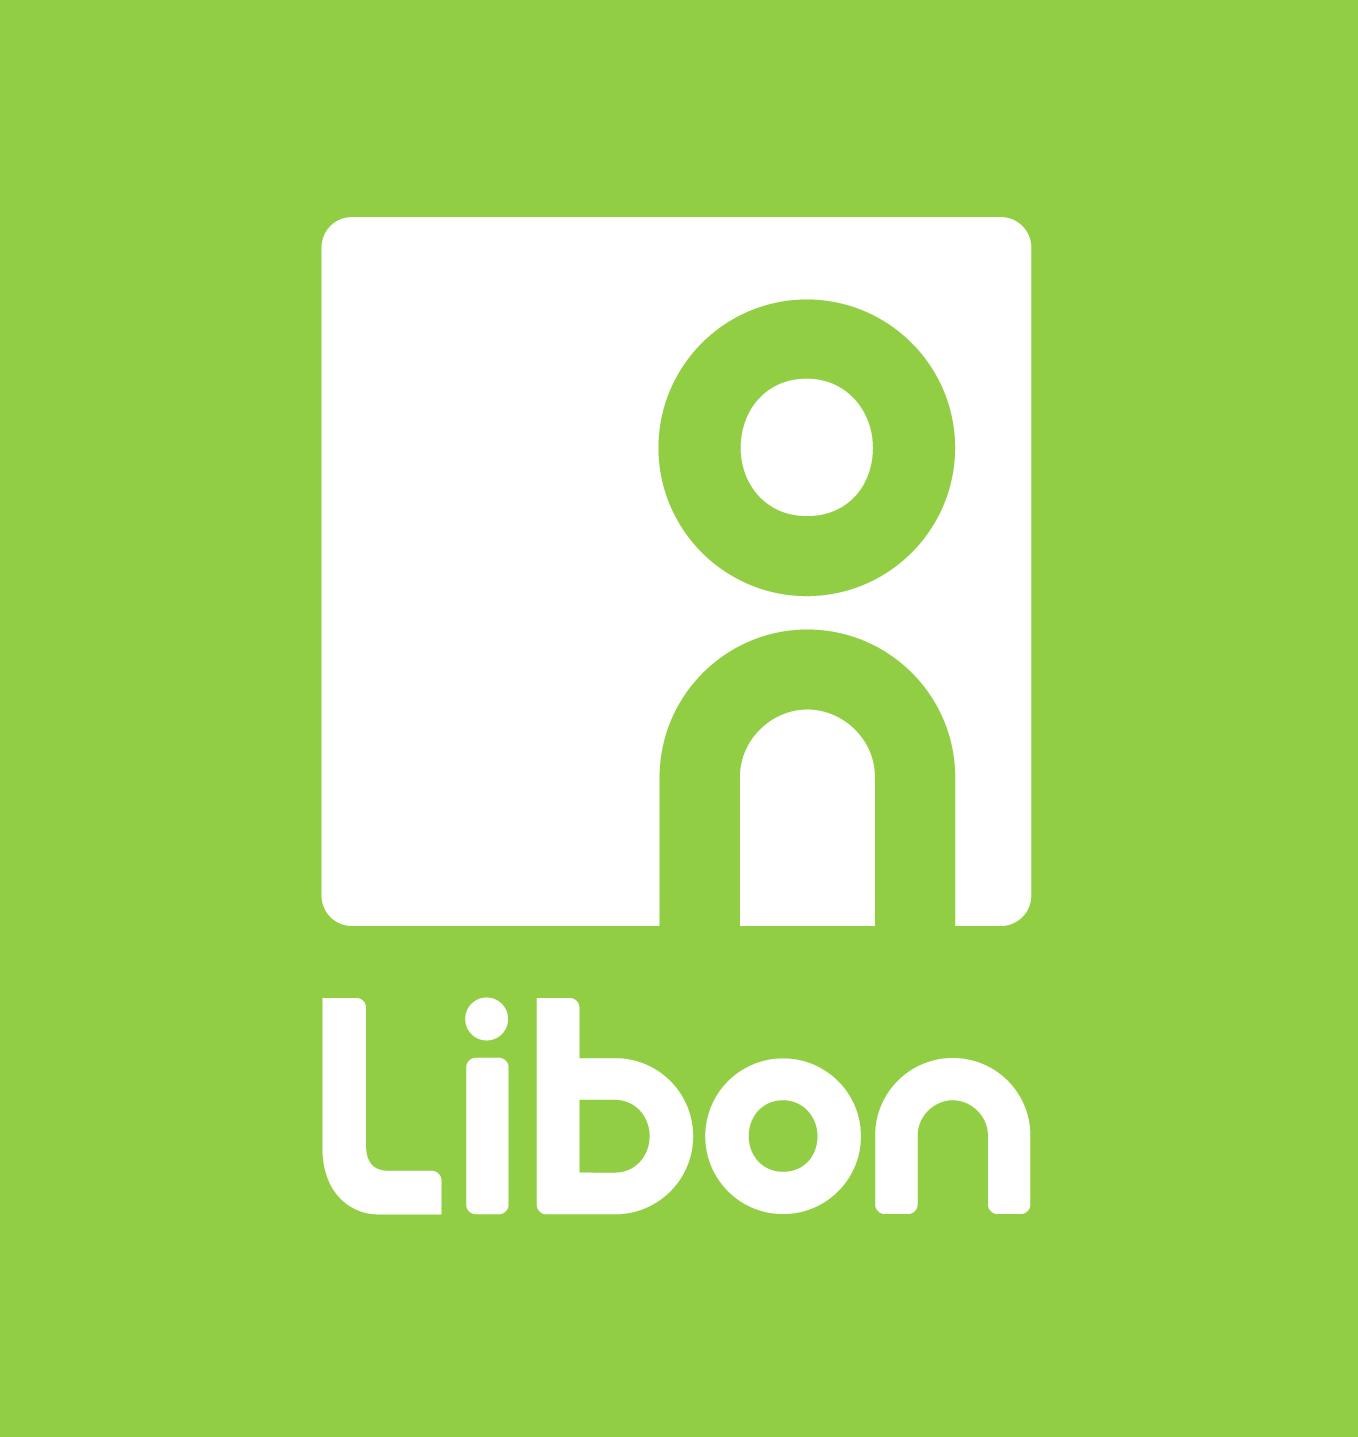 Libon-logo